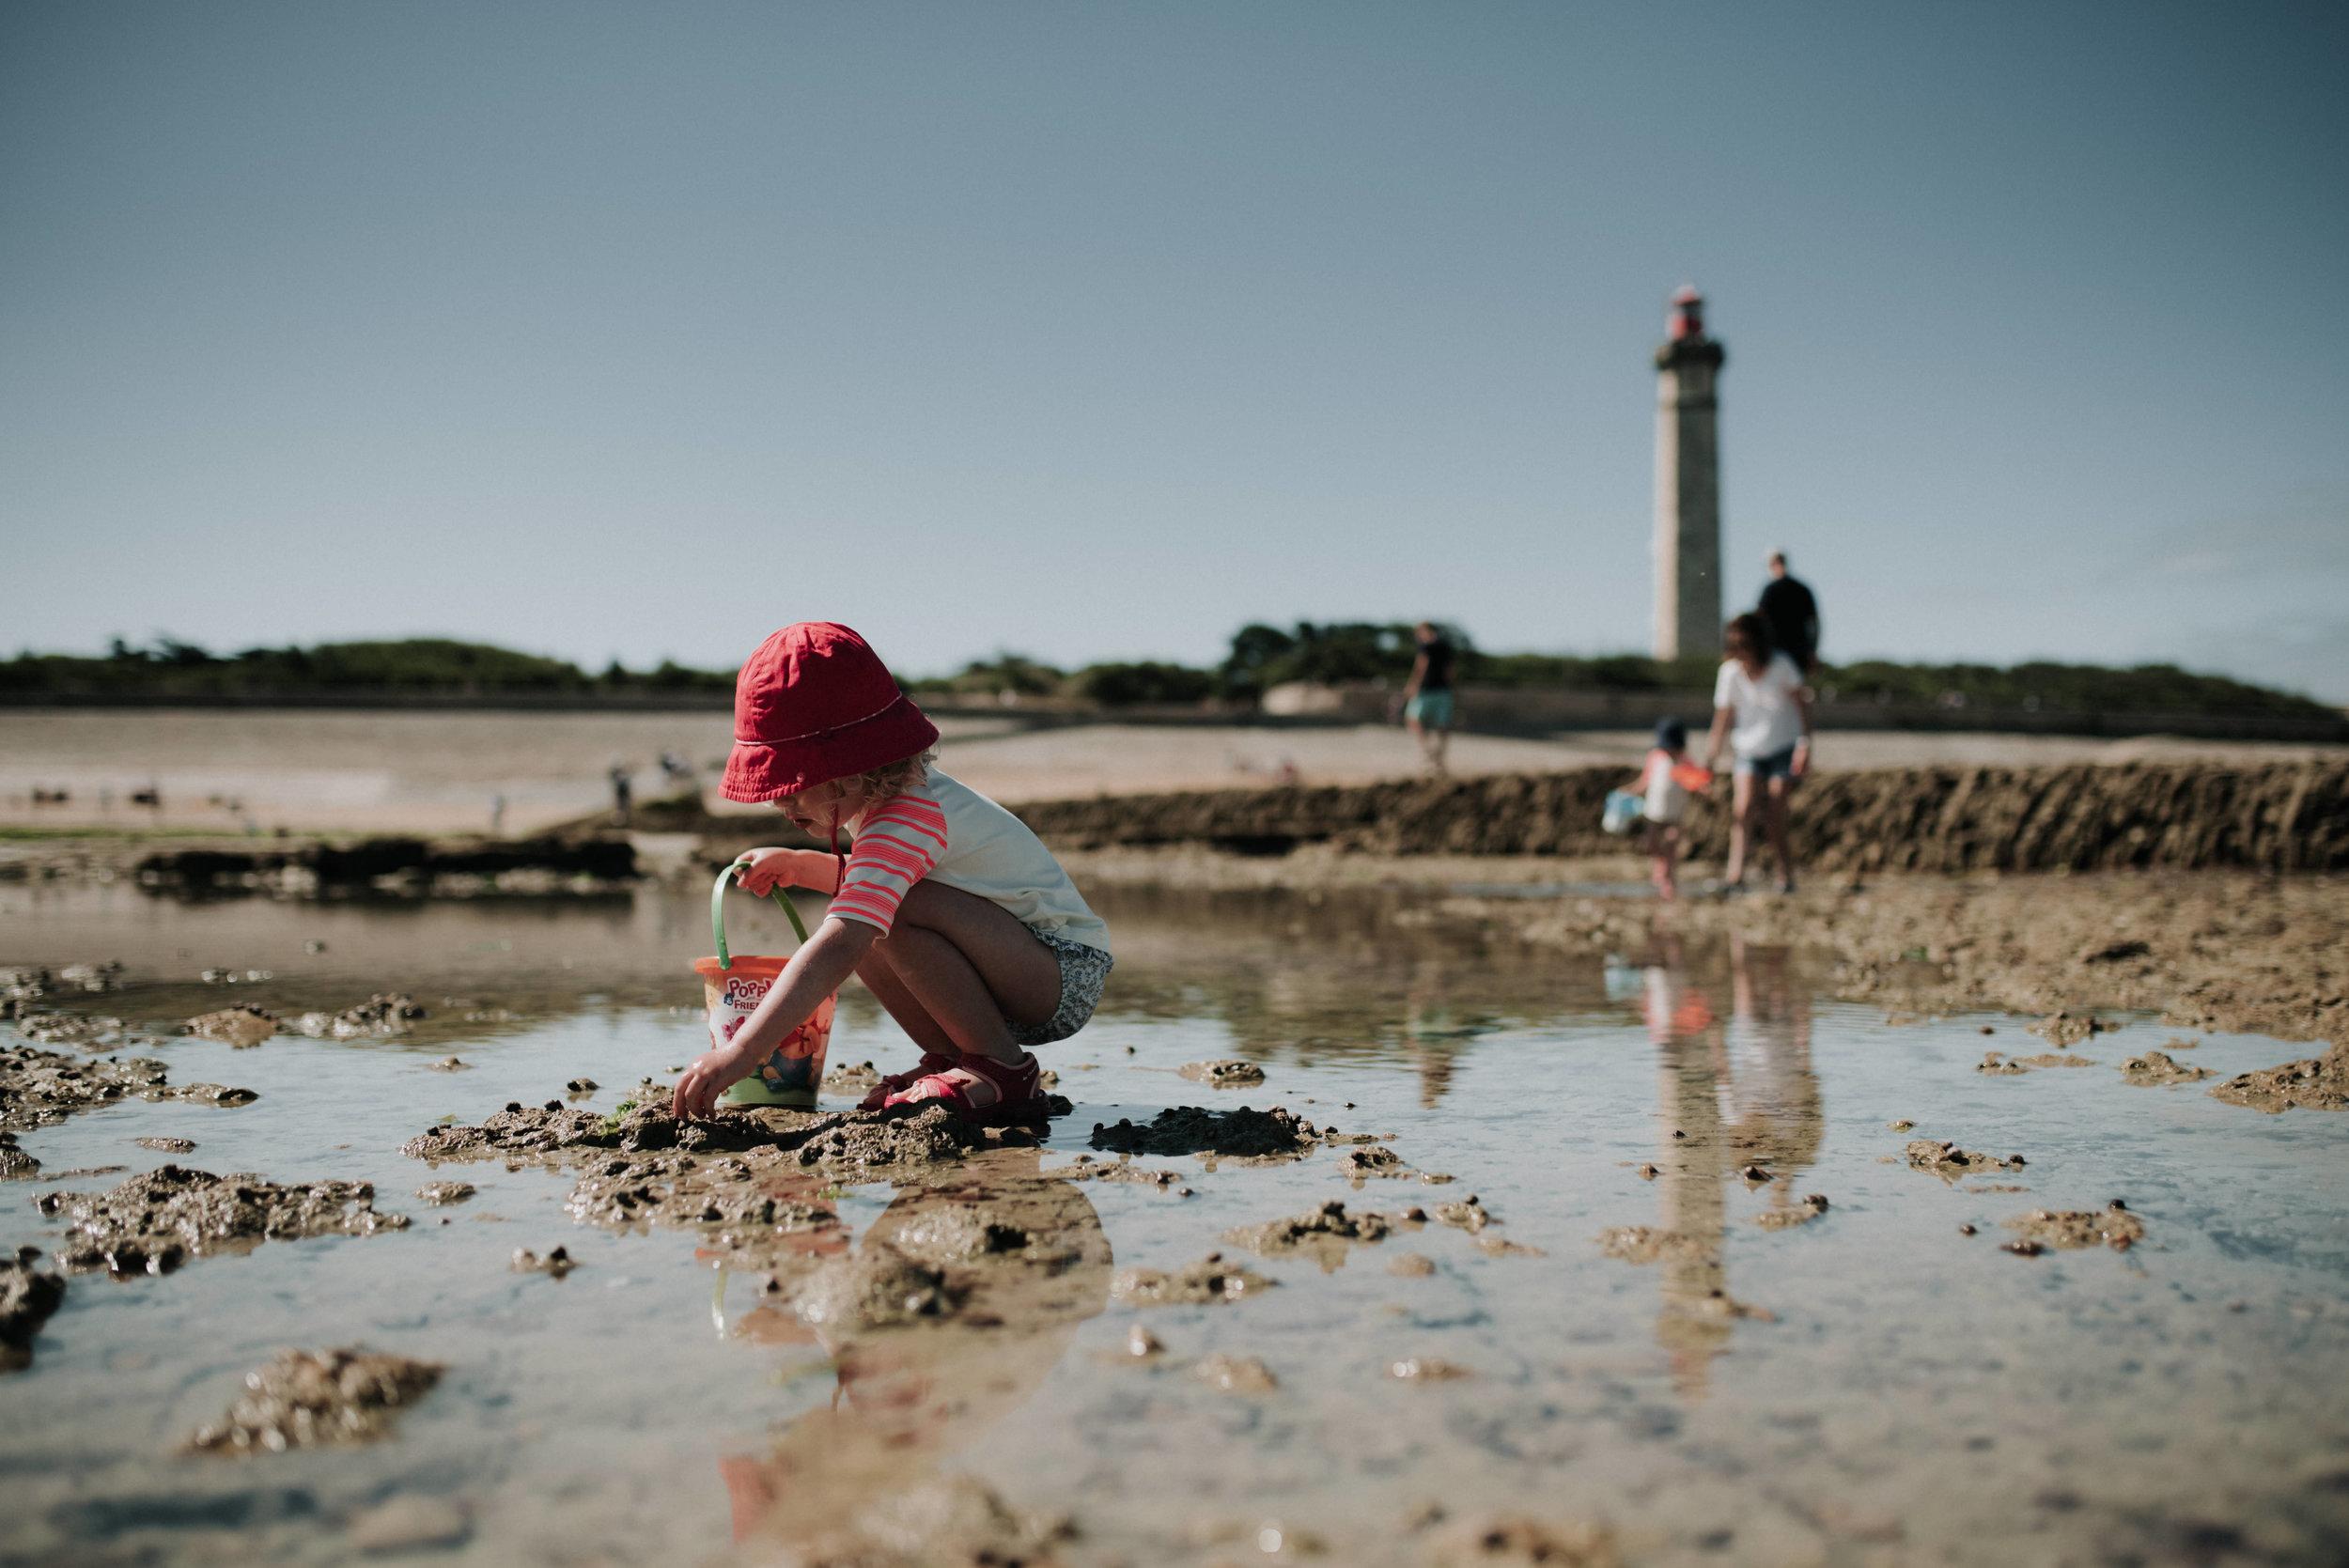 Léa-Fery-photographe-professionnel-lyon-rhone-alpes-portrait-creation-mariage-evenement-evenementiel-famille-2735.jpg